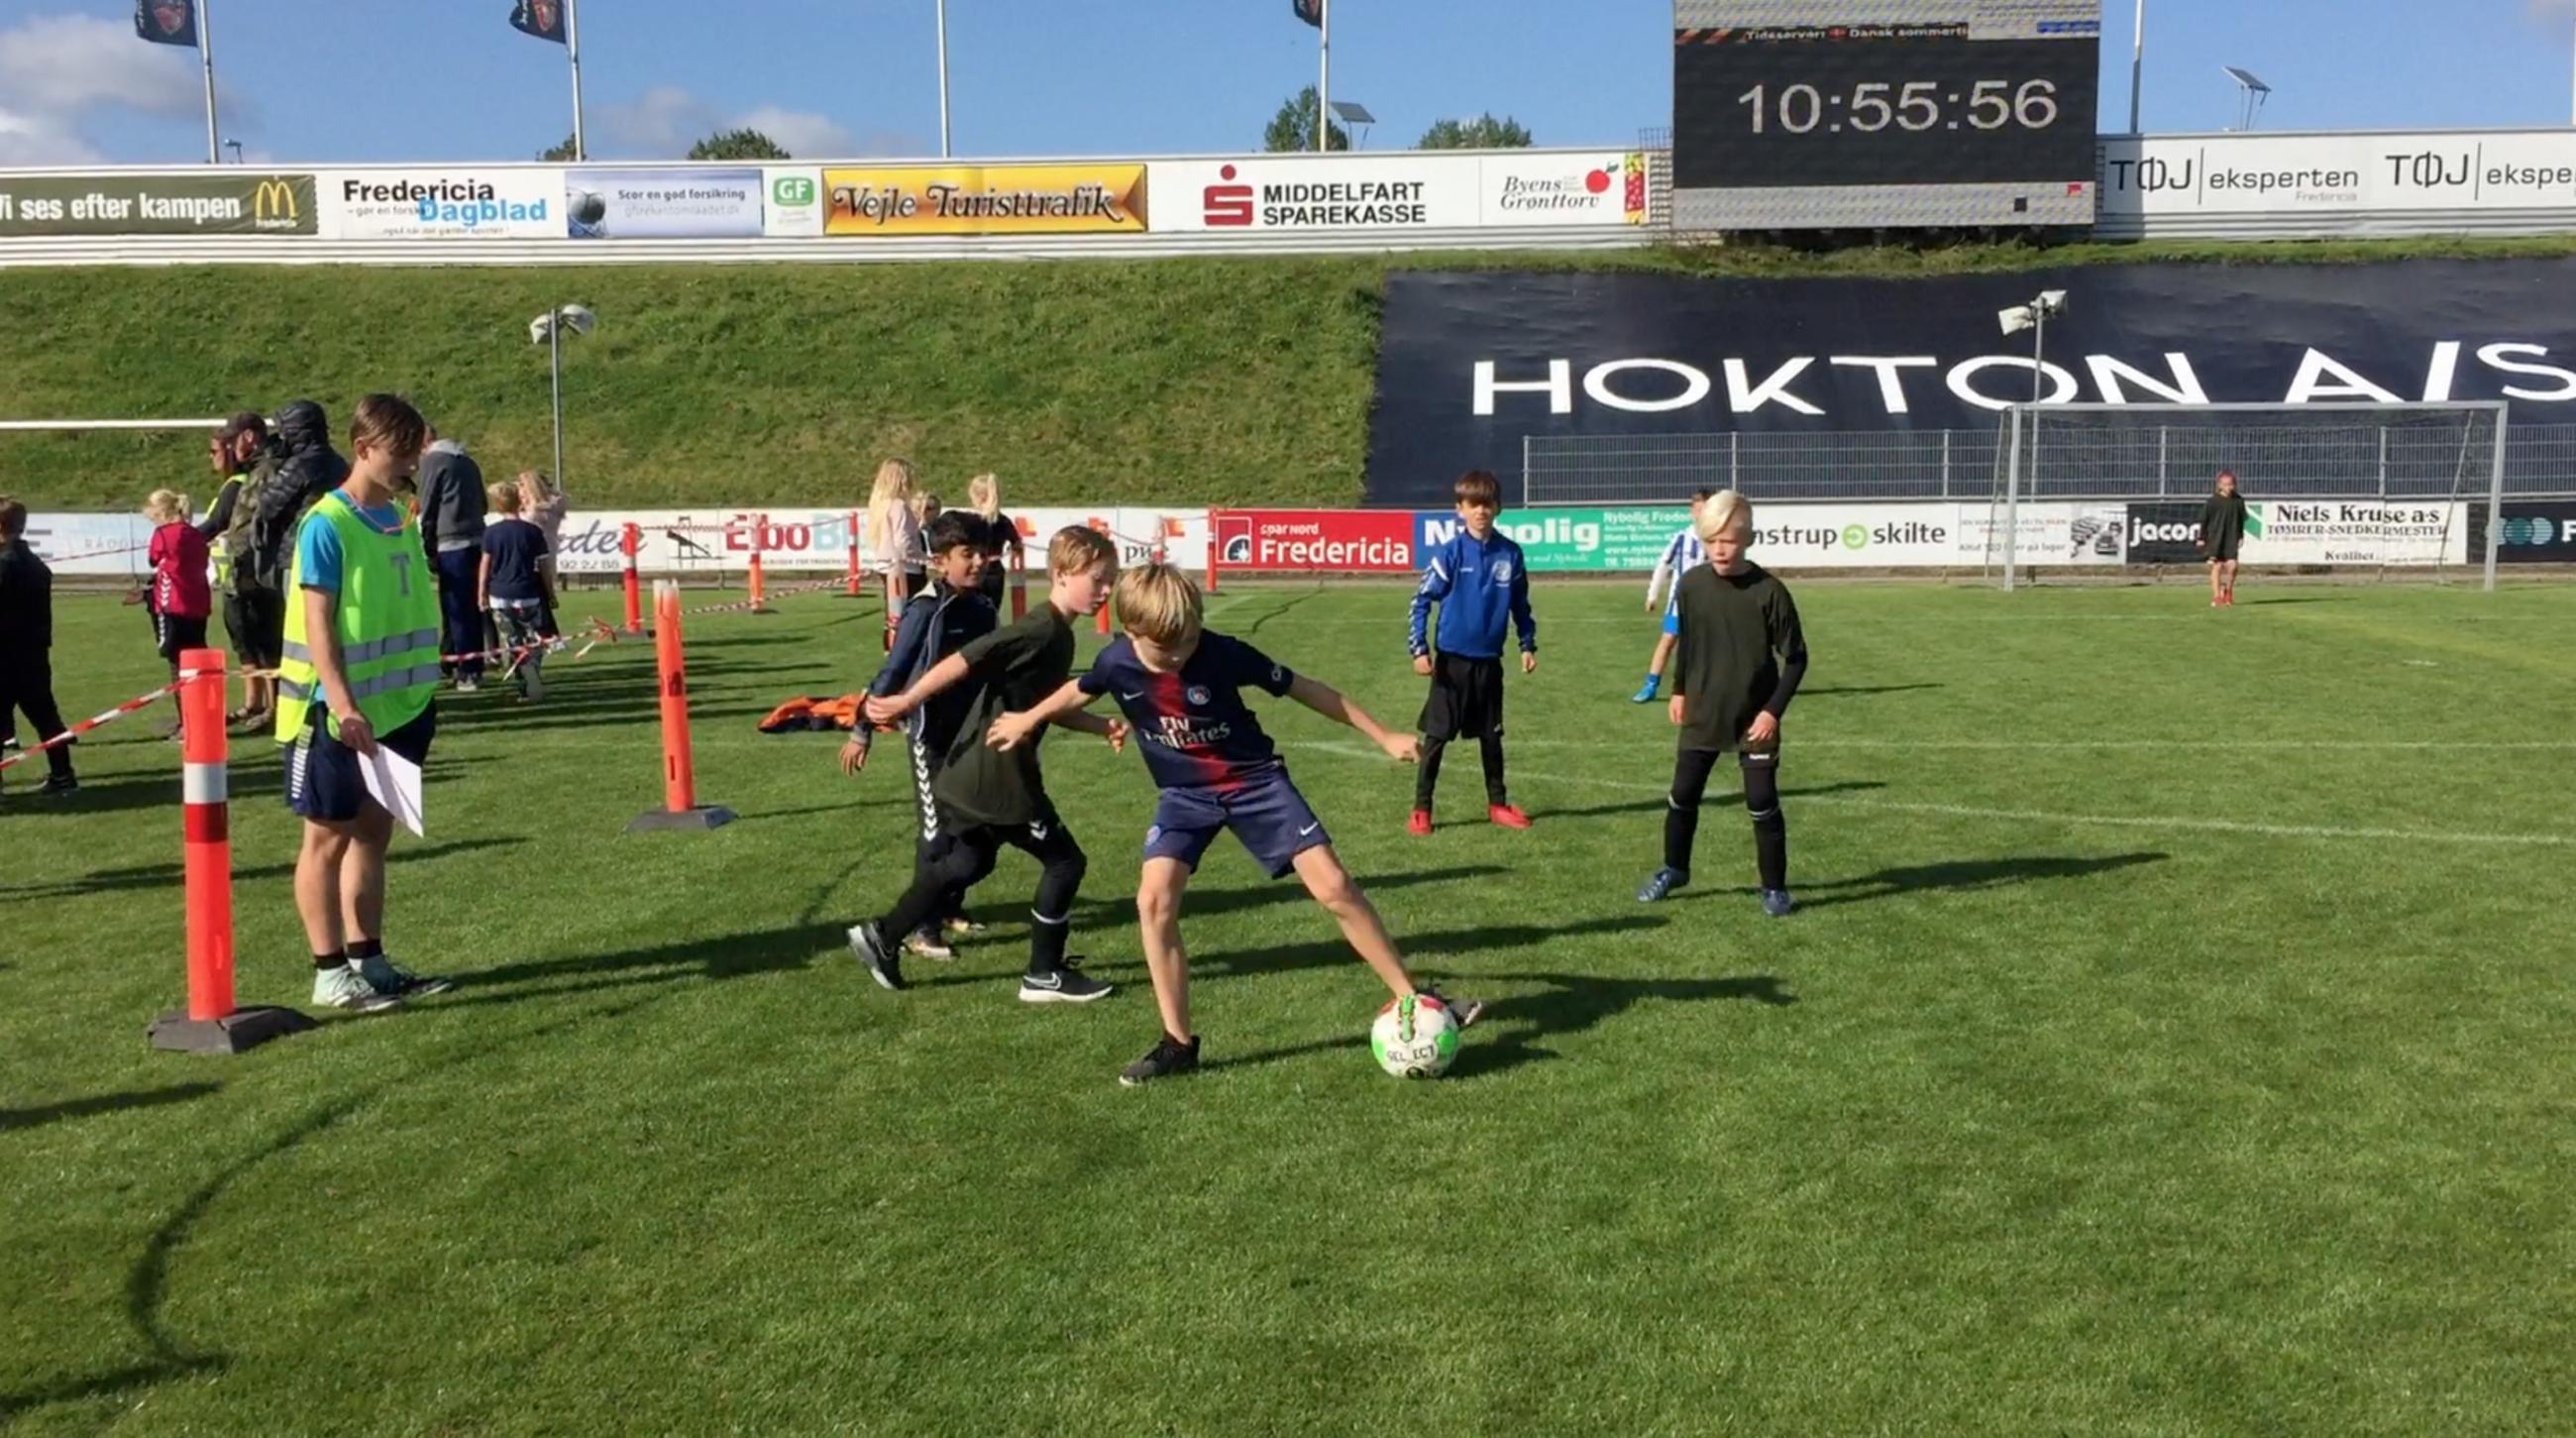 SE VIDEO : AKTIV FREDAG SAMLEDE OVER 1000 BØRN